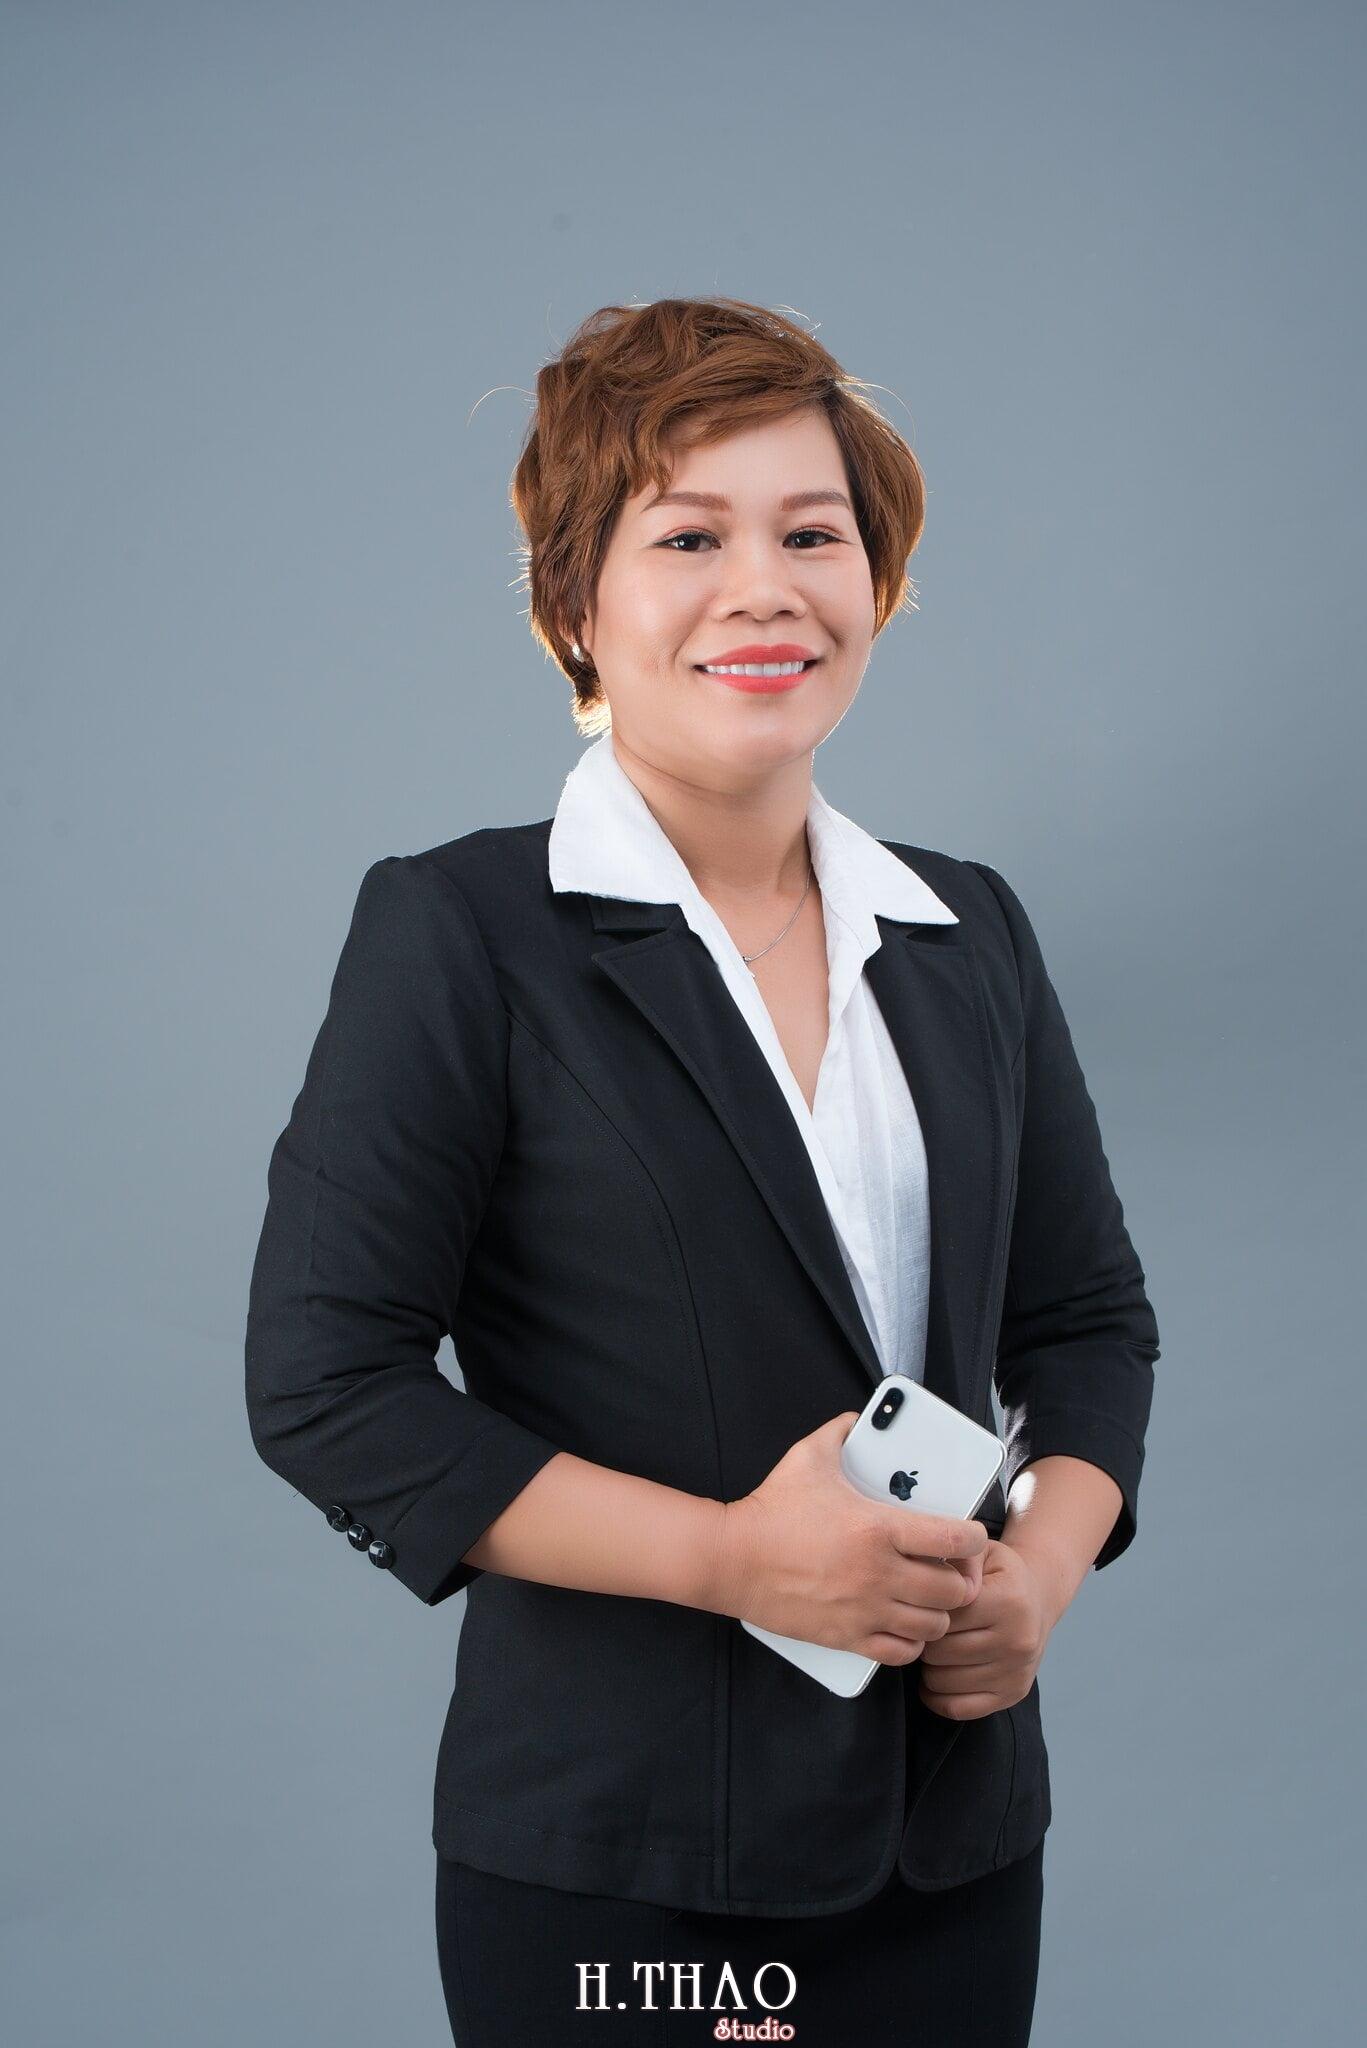 cong ty manulife 10 min - HThao Studio - Chuyên chụp hình chân dung doanh nhân đẹp ở Tp.HCM